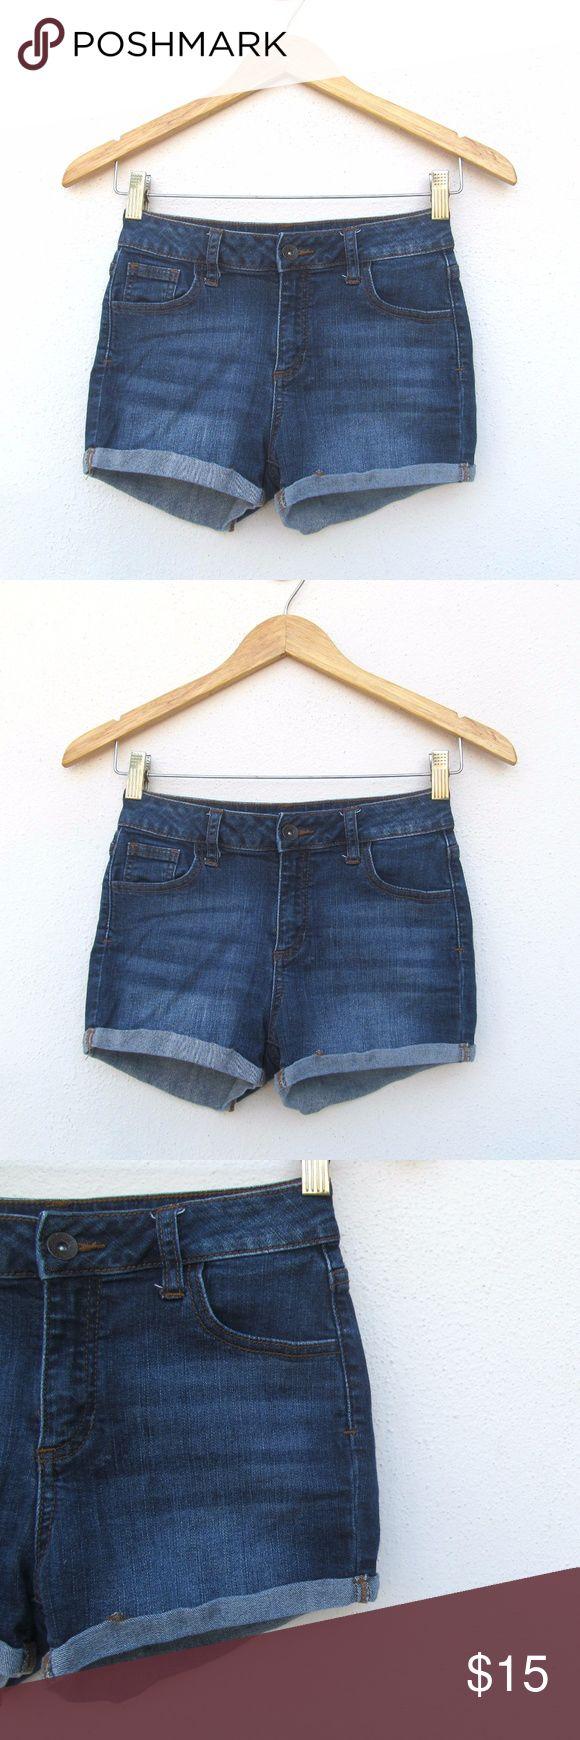 Refuge Denim Jeans Shorts Size 2 I offer bundle discounts! Jeans